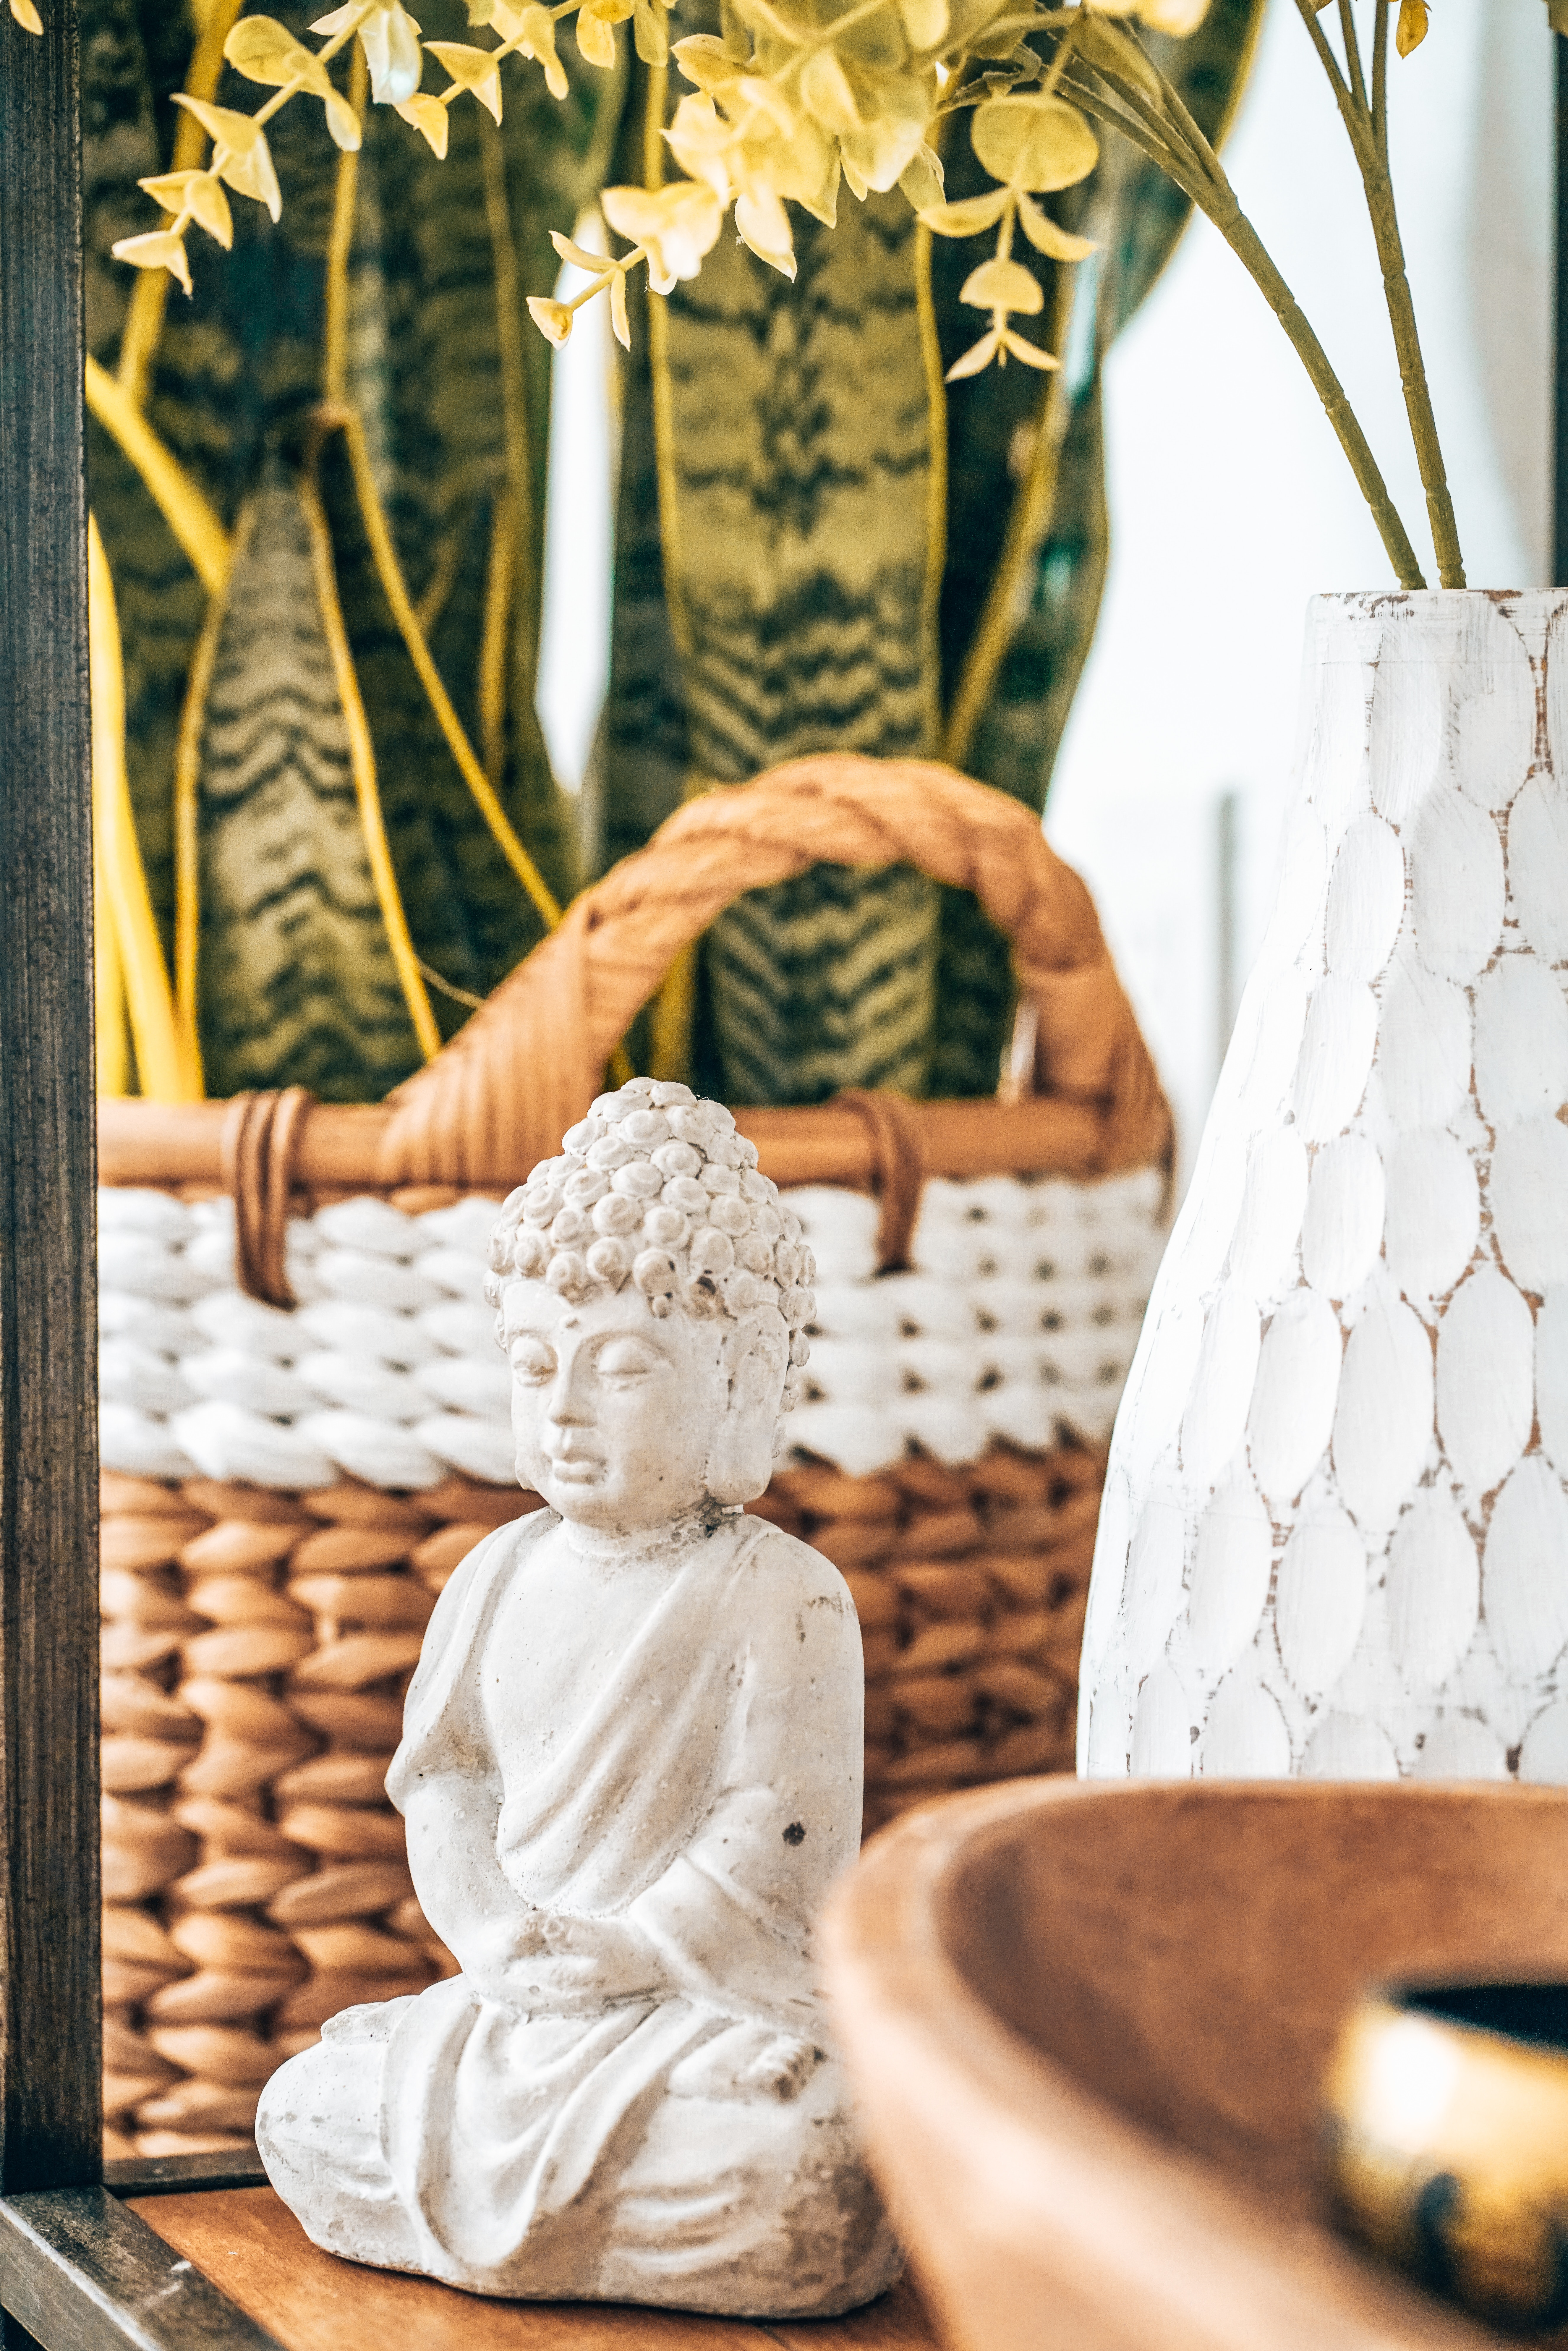 109895 скачать обои Разное, Статуя, Будда, Буддизм, Белый, Каменный - заставки и картинки бесплатно